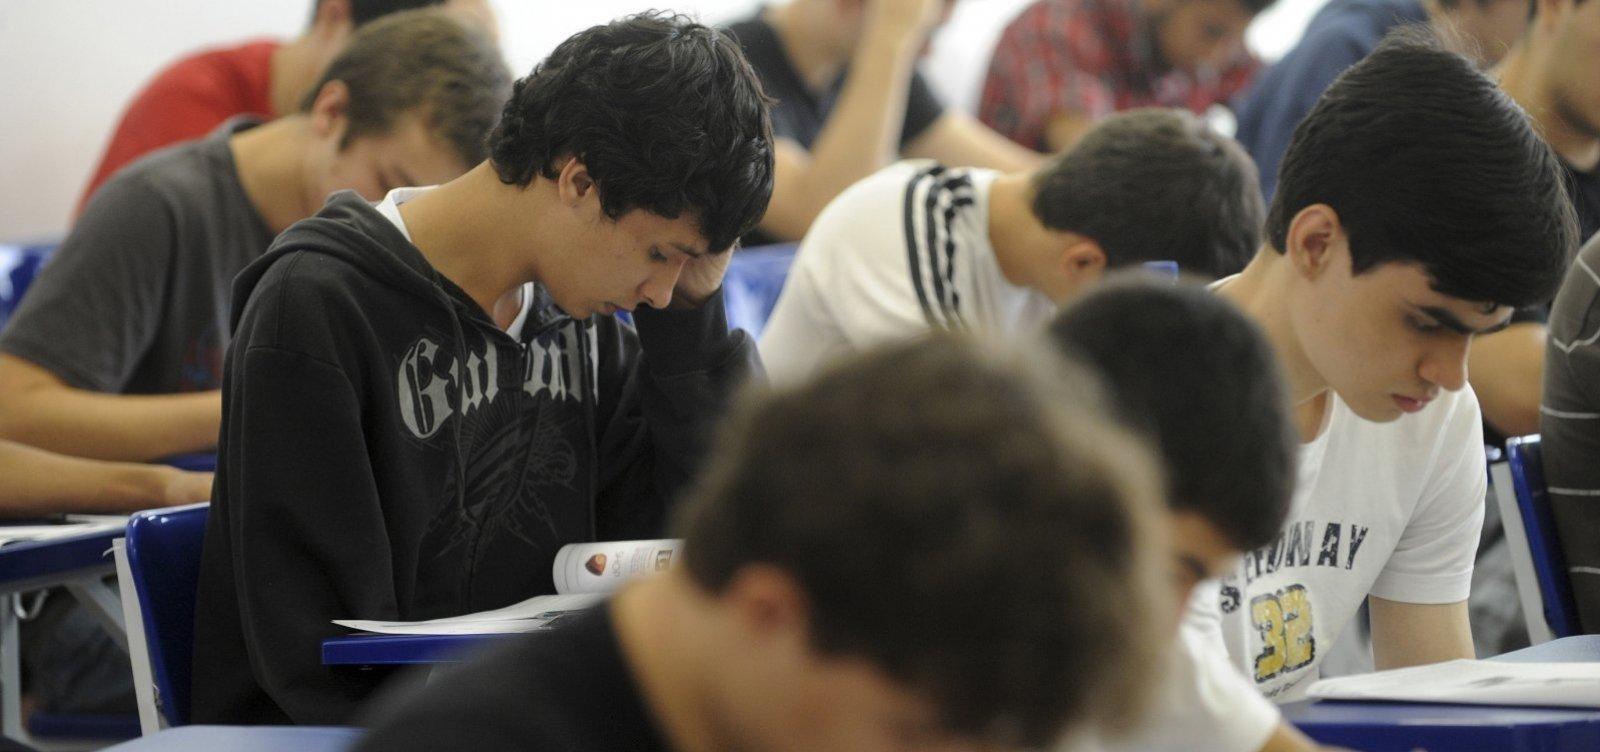 Mais de 3 milhões de estudantes solicitaram isenção da taxa de inscrição do Enem